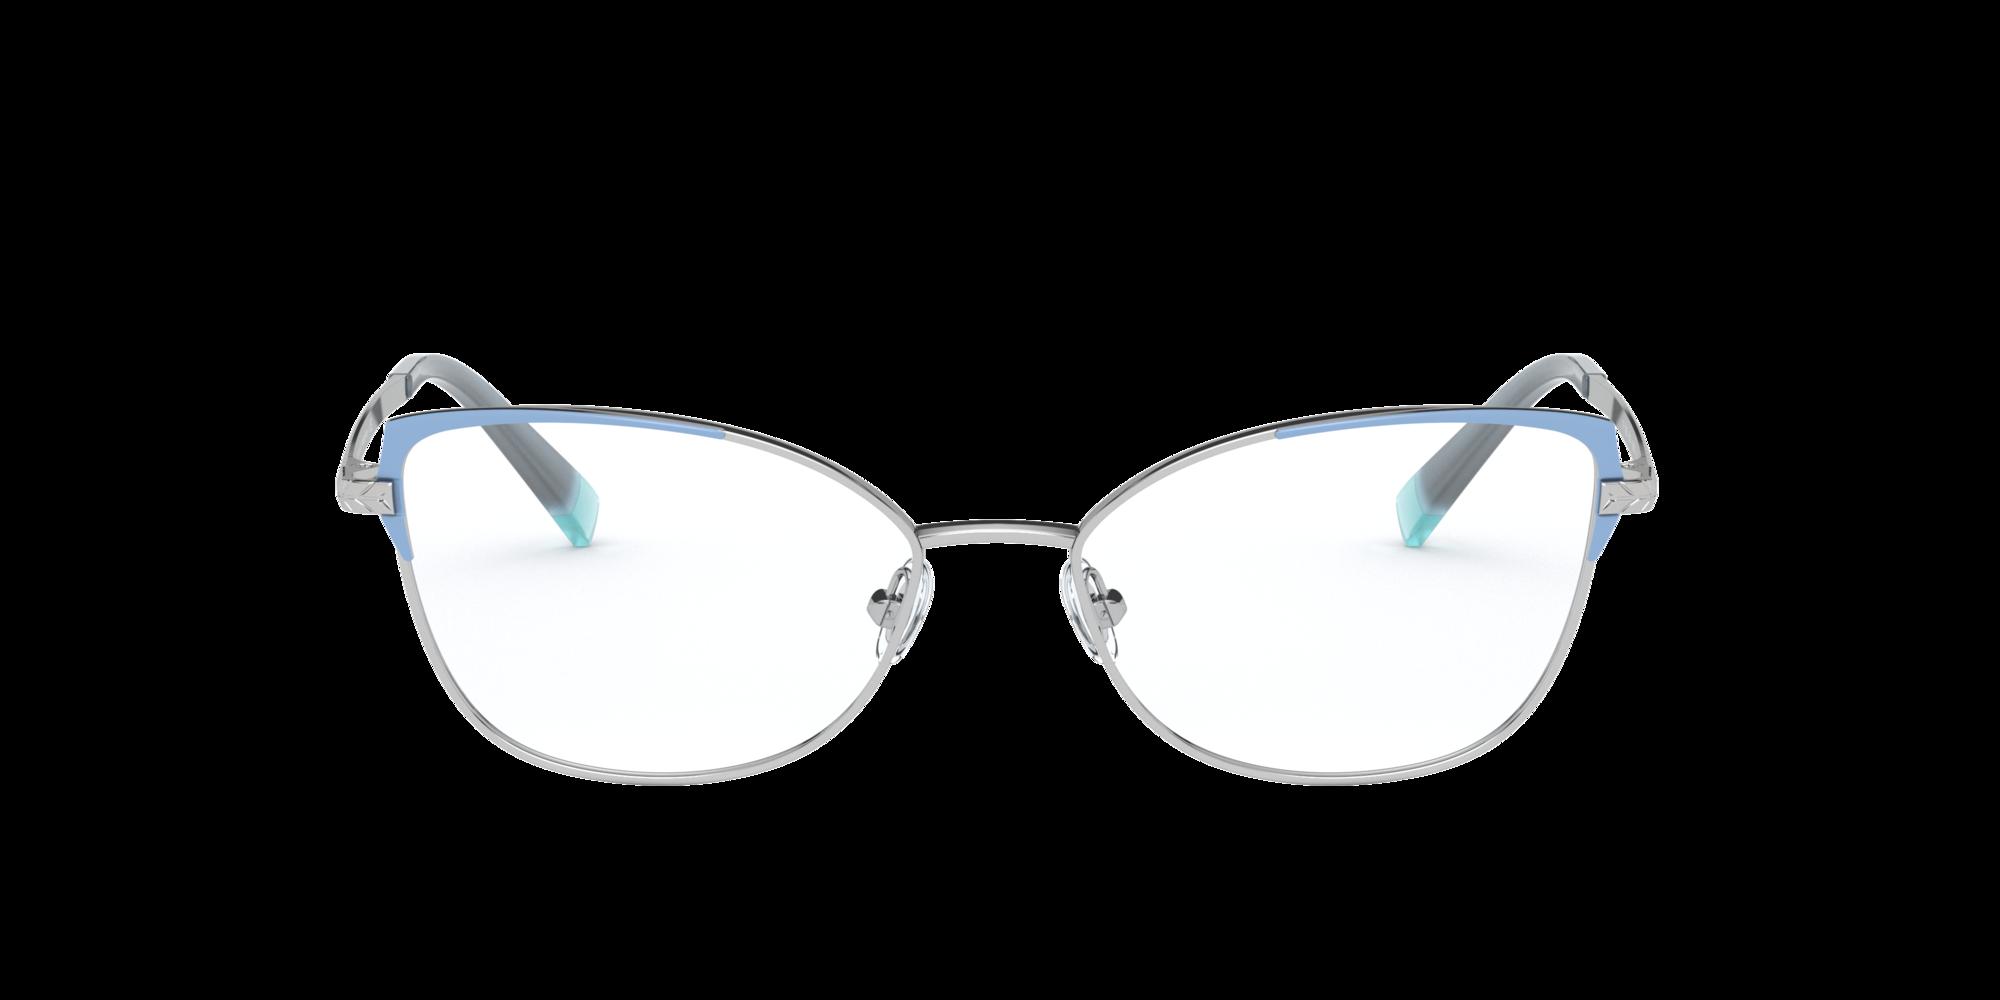 Imagen para TF1136 de LensCrafters |  Espejuelos, espejuelos graduados en línea, gafas